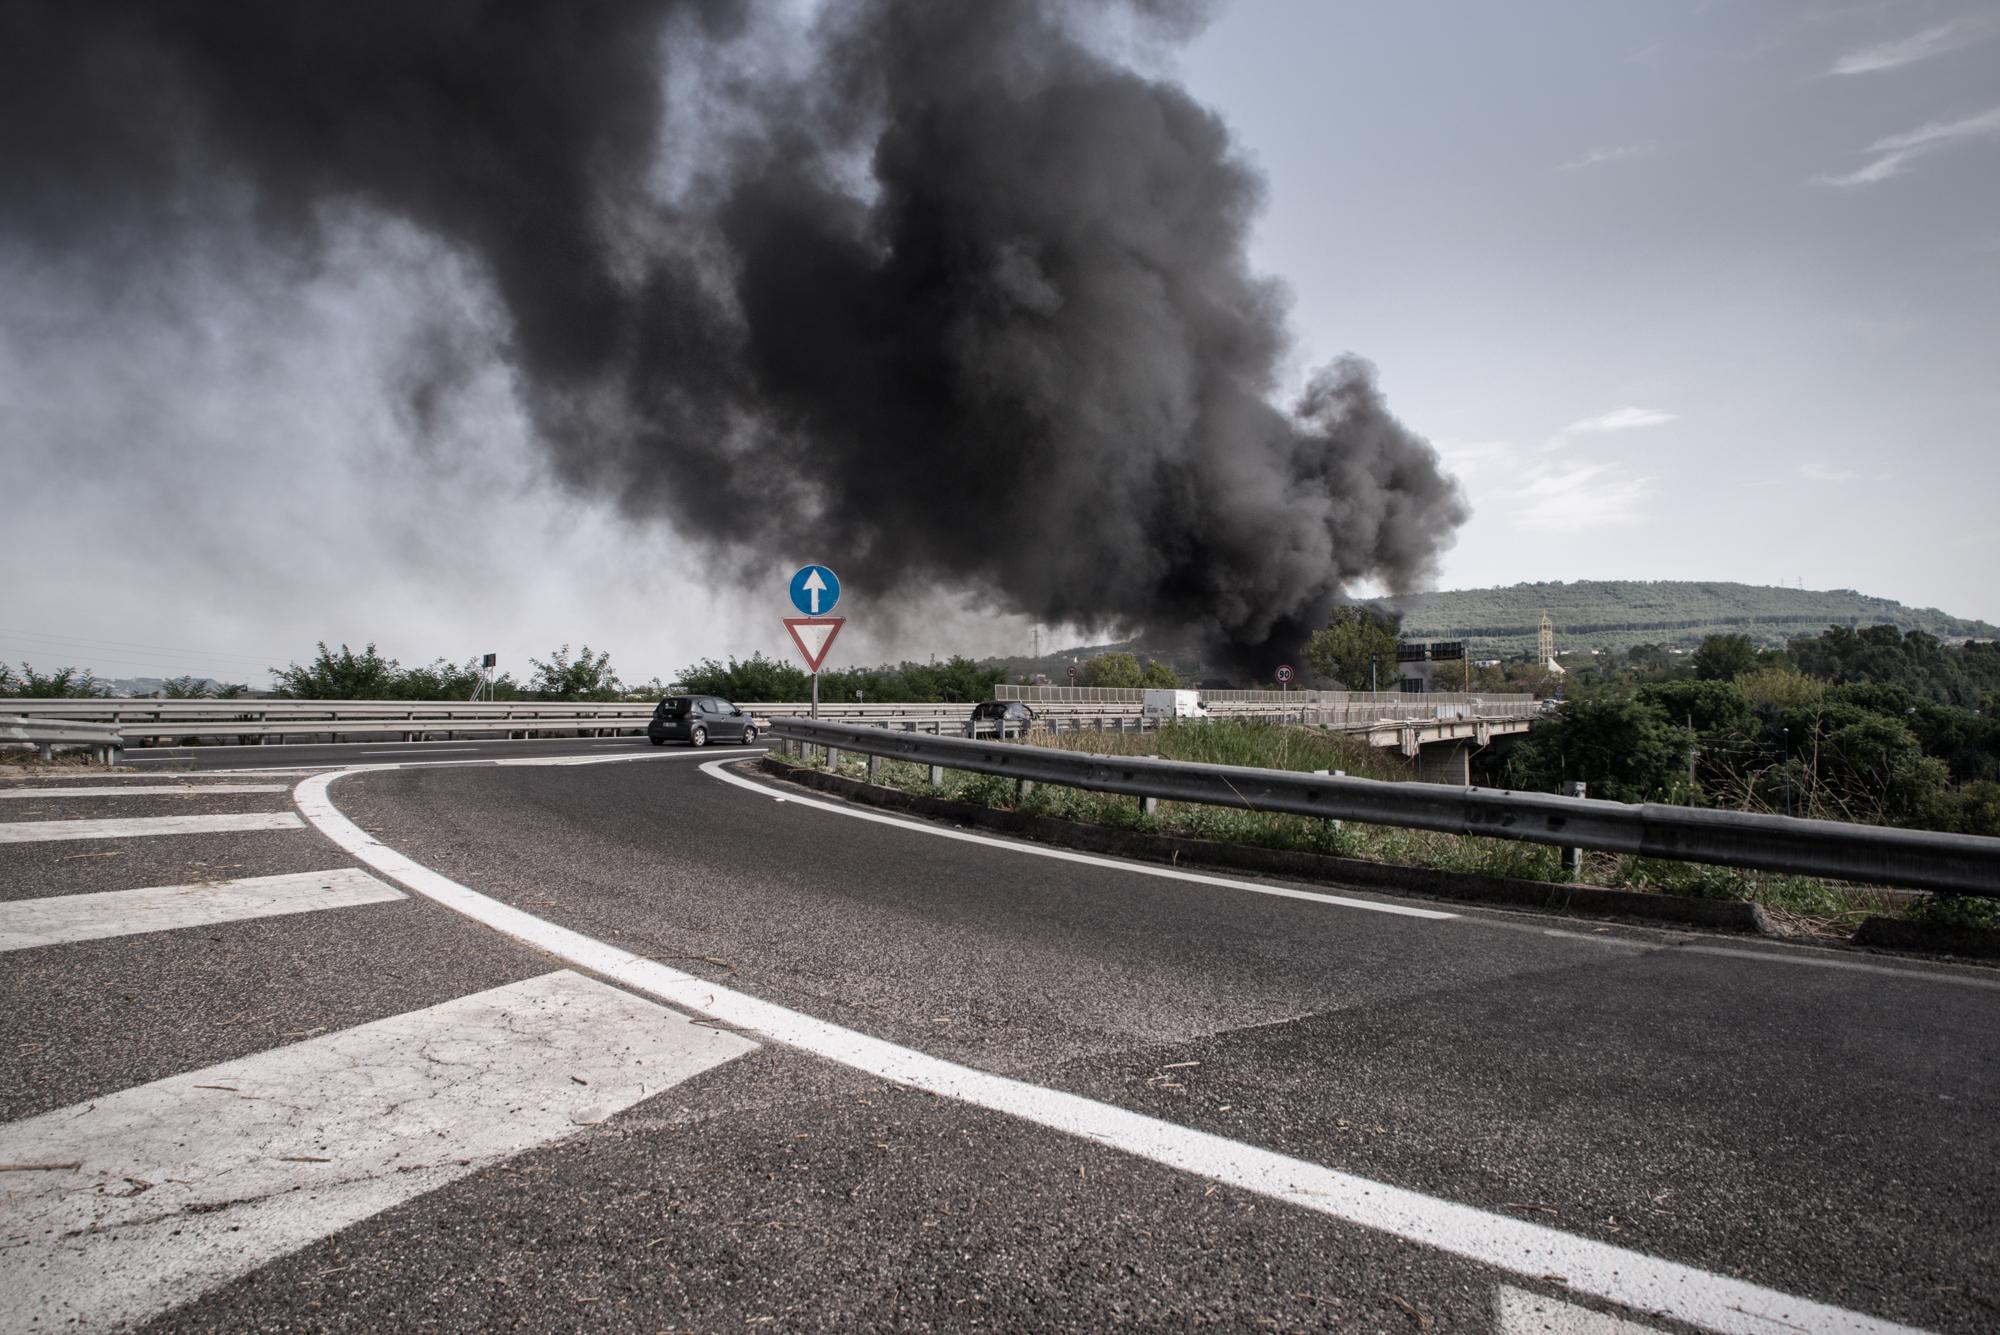 Giugliano, Napoli, 2015. Il fumo di un rogo nella zona di Giugliano (NA).  I roghi in Campania sono frequenti e vengono considerati dagli abitanti del posto un diversivo per distogliere l'attenzione da disastri ambientali di maggiore entità.